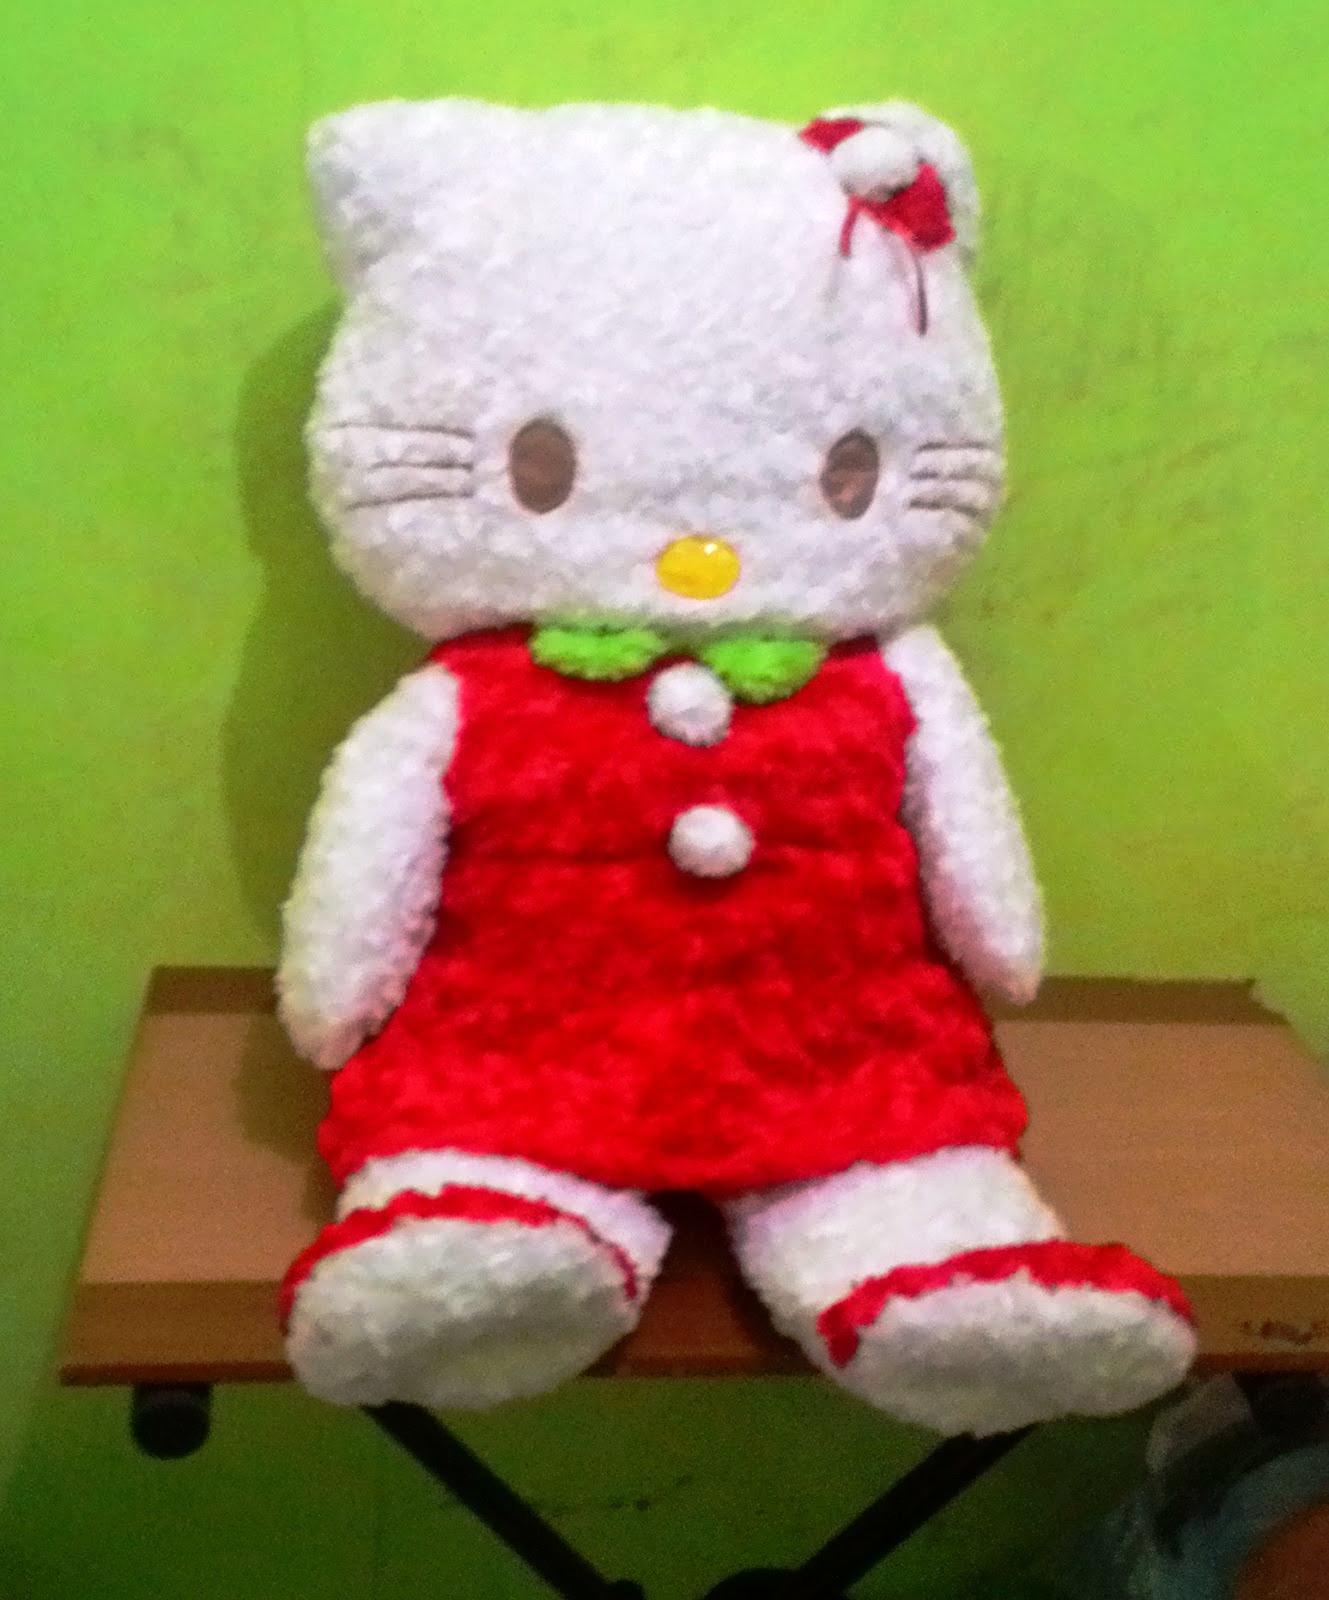 Jual Beli Boneka Keropi Jumbo Gambar Hello Kitty Bulu Dress Merah